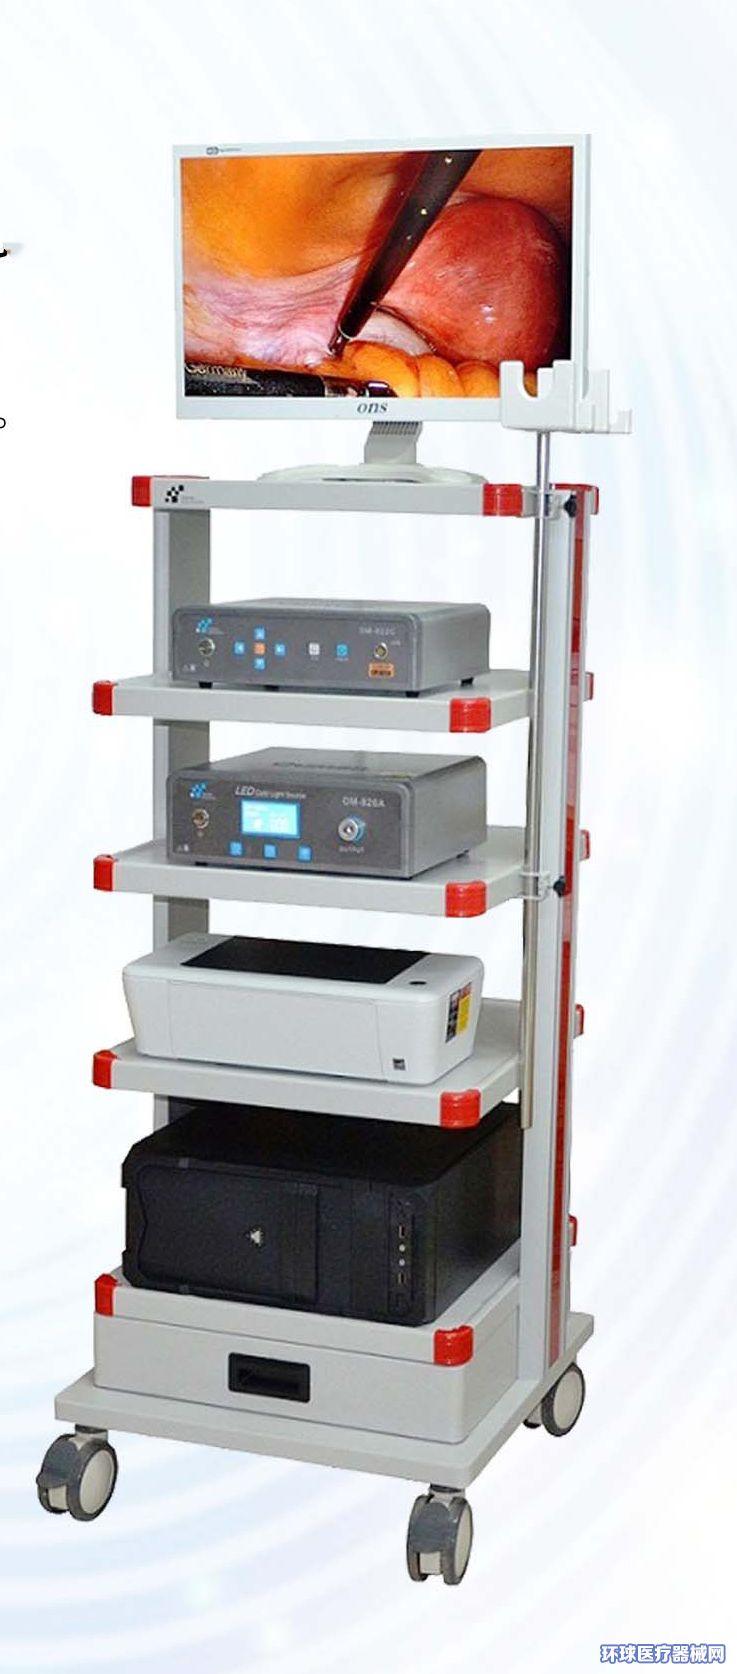 高清腹腔镜系统内窥镜冷光源腹腔镜摄像